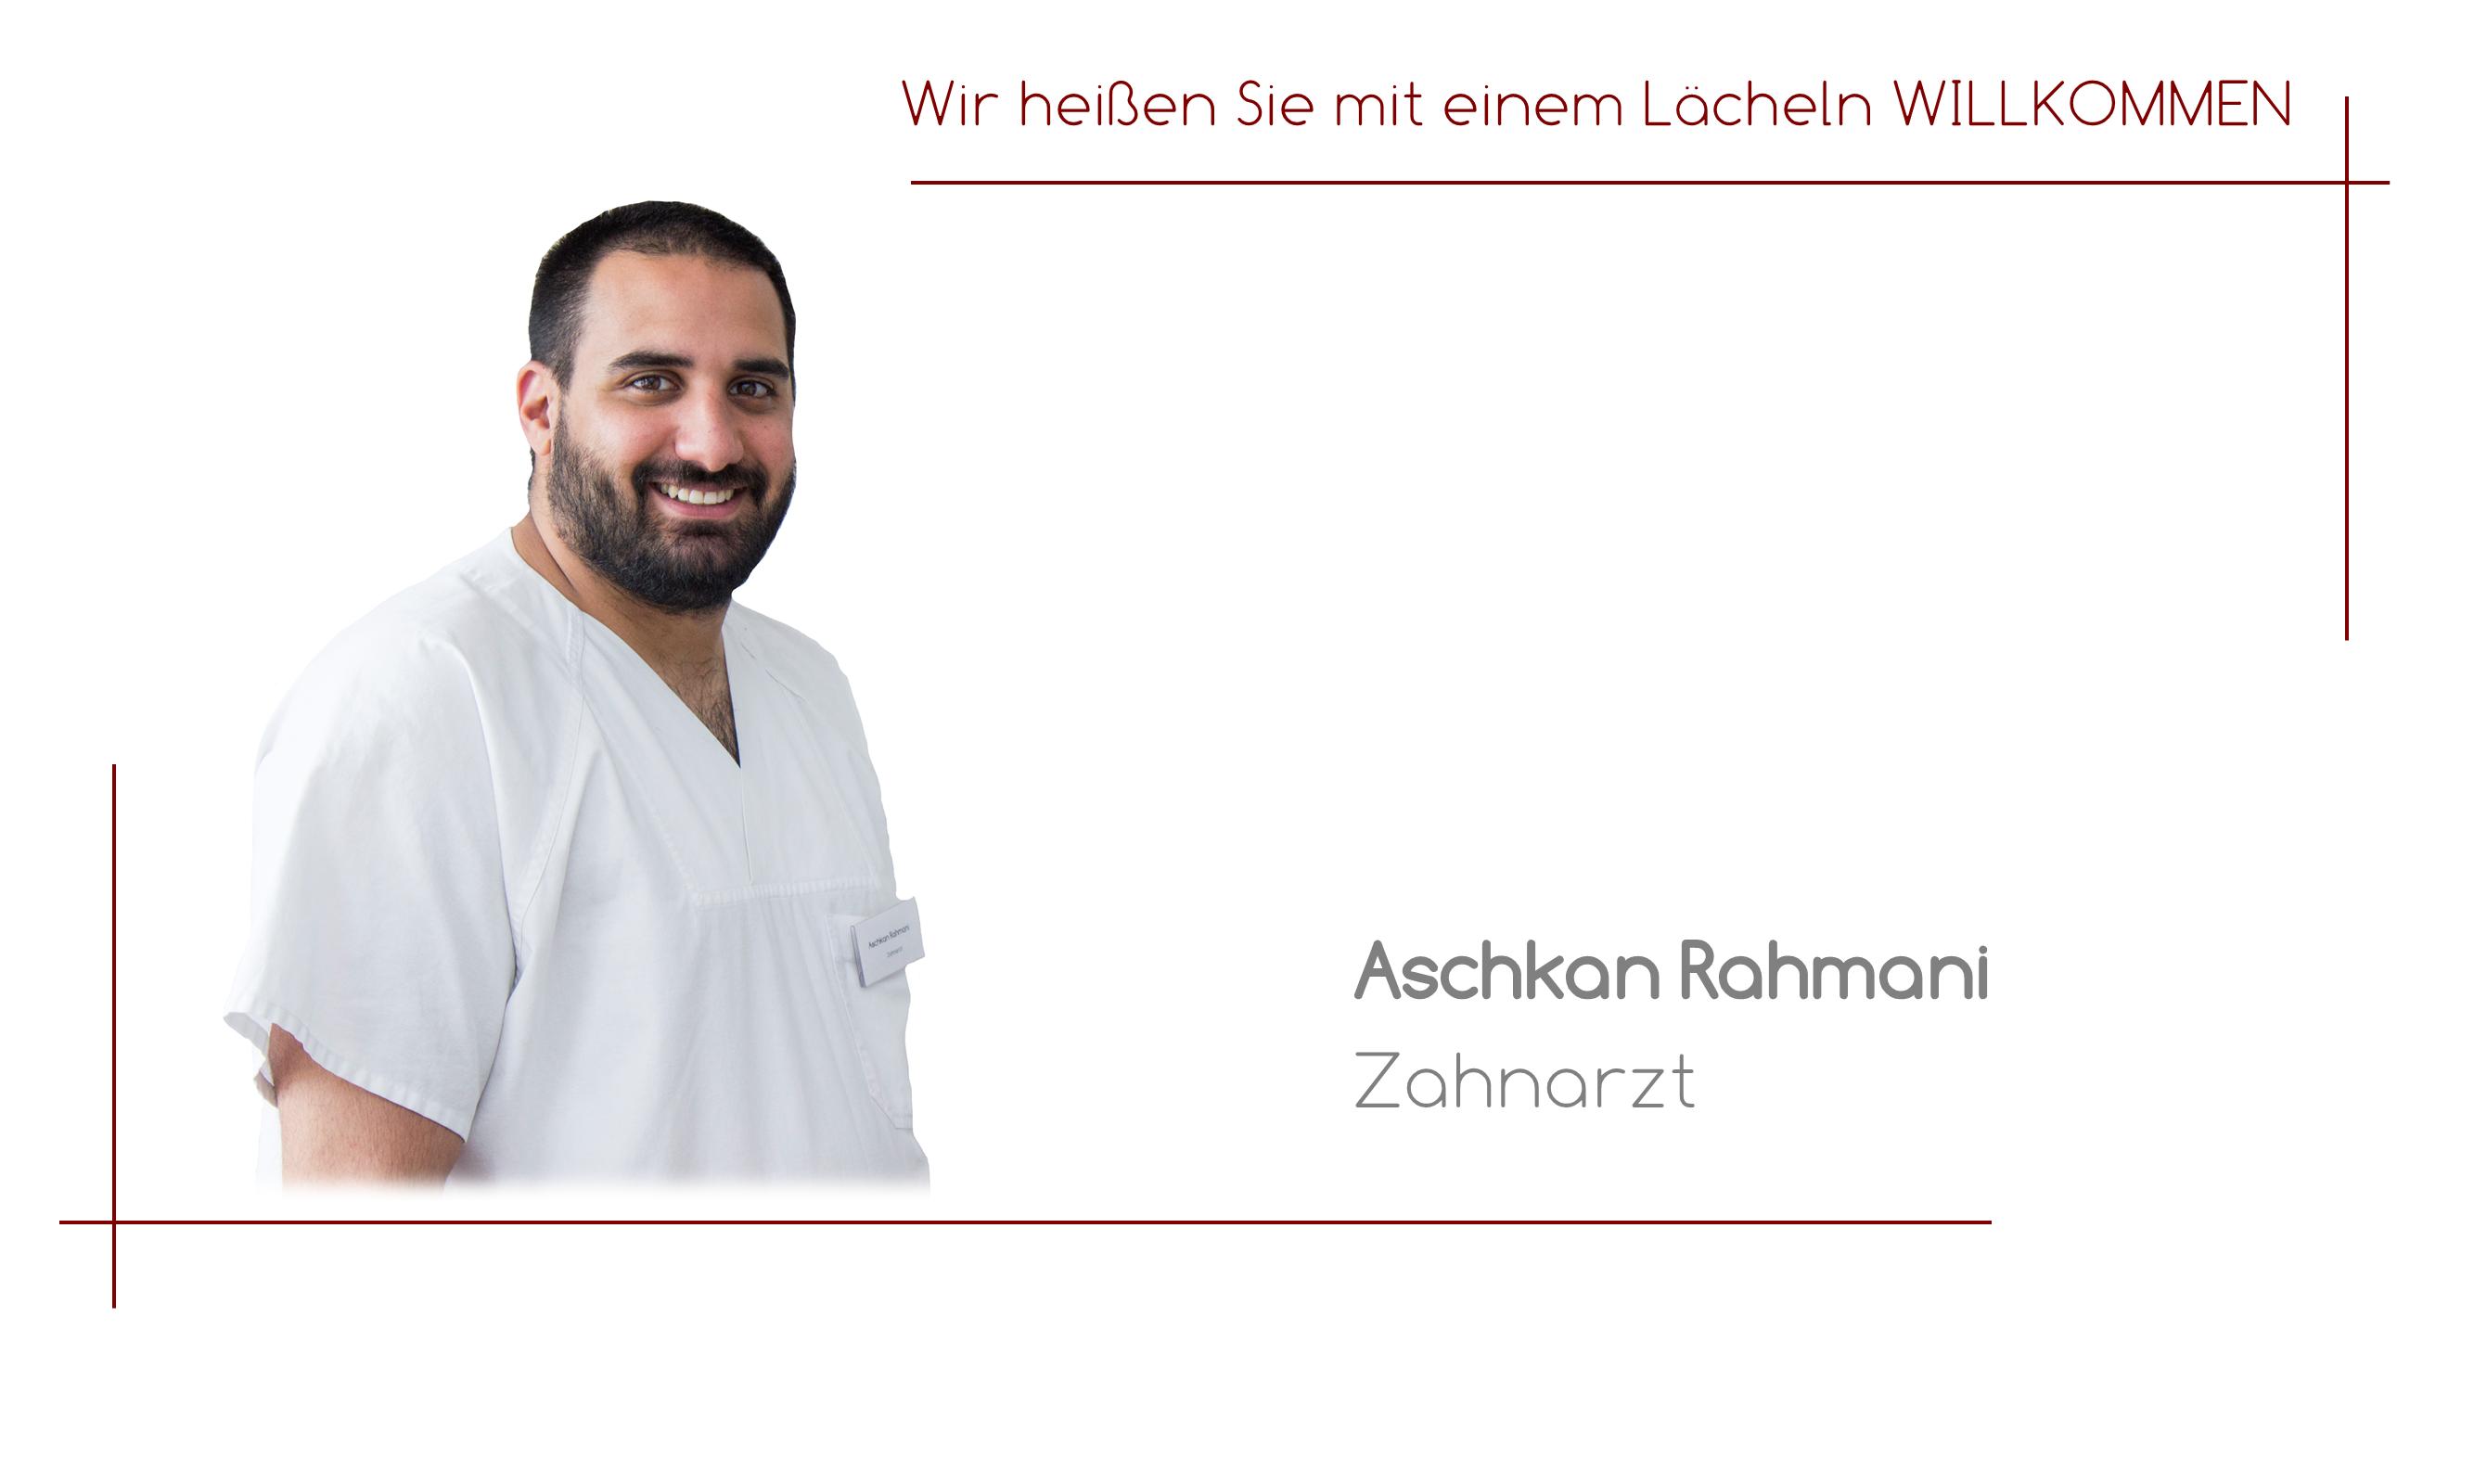 Aschkan Rahmani - Zahnarzt